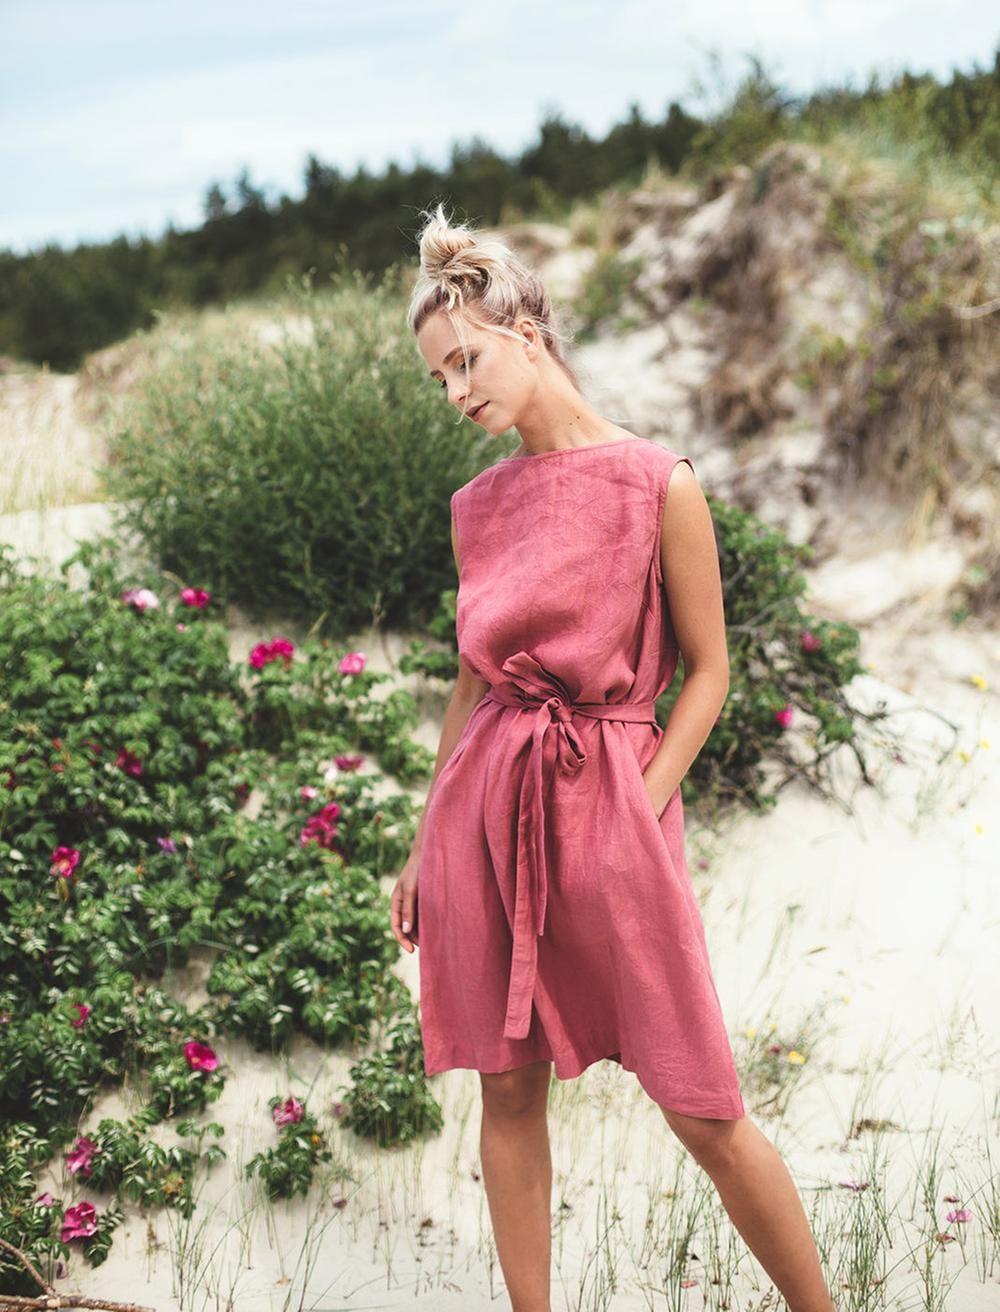 10 Luxus Midikleider Sommer GalerieFormal Ausgezeichnet Midikleider Sommer Stylish